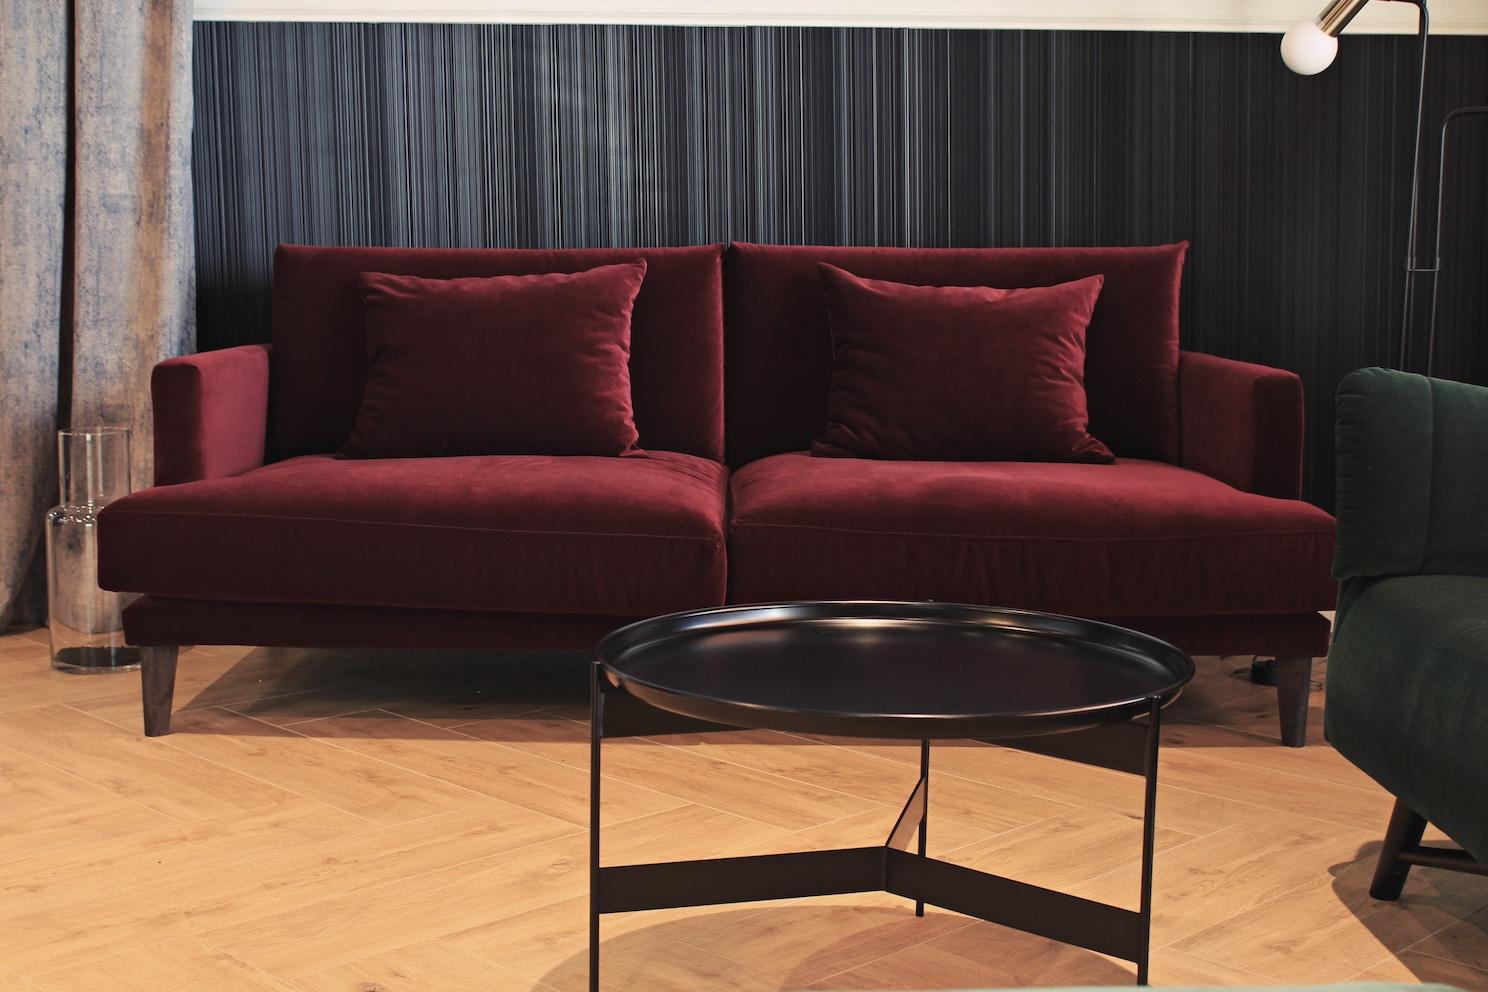 fot. materiały prasowe/ Inspirium sofa